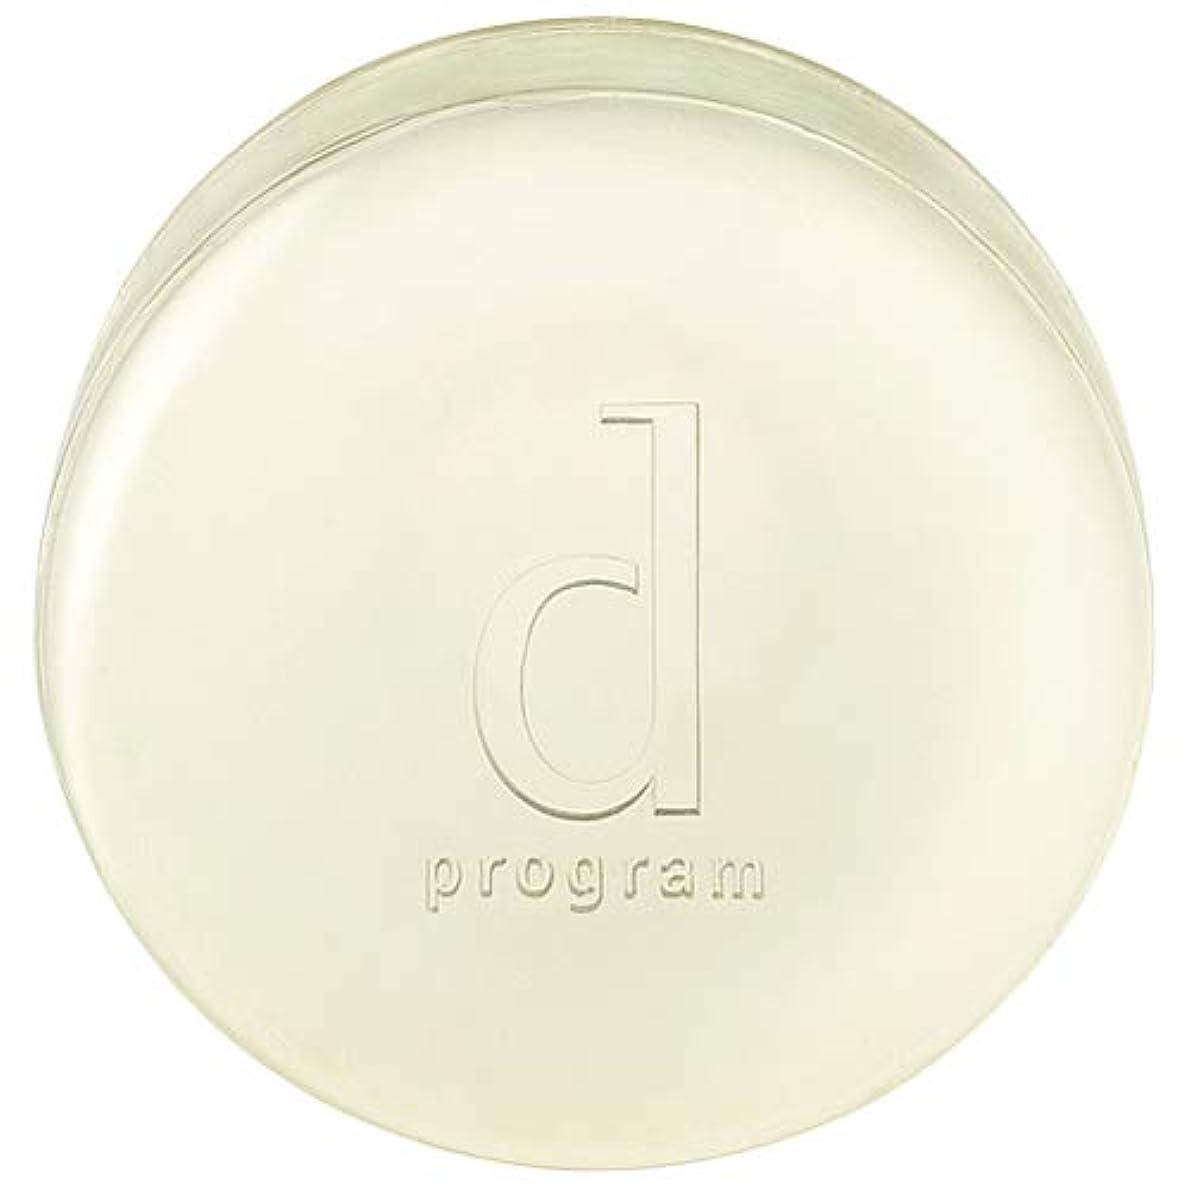 完全に乾く地区人類d program 資生堂 コンディショニングソープ 100g [366202] [並行輸入品]